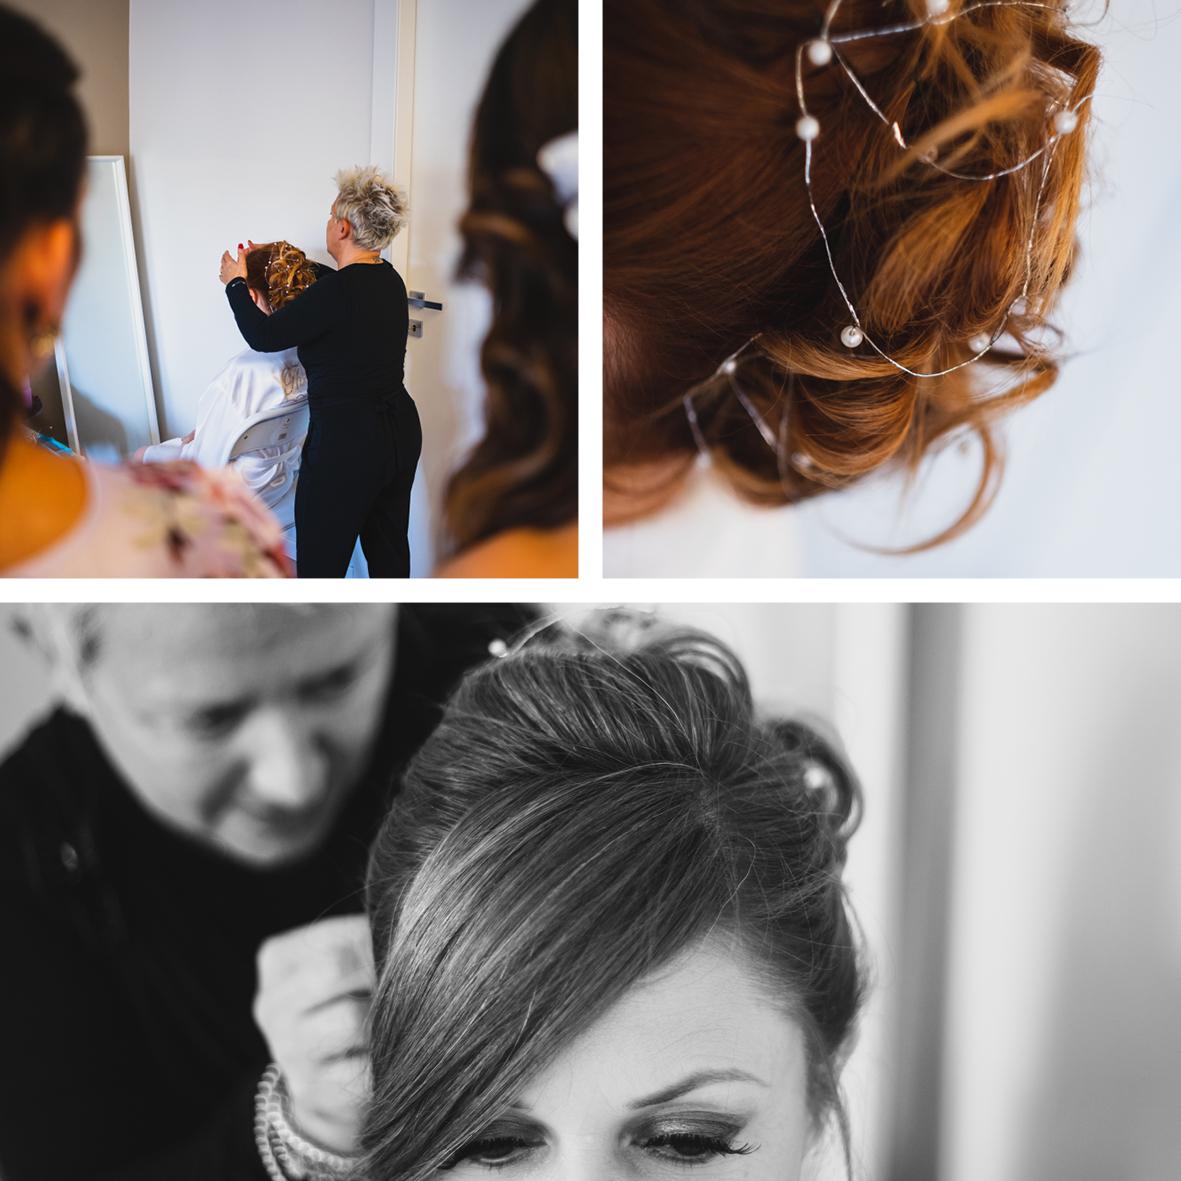 Fotografo matrimonio Brescia reportage di matrimonio Federico Rongaroli7